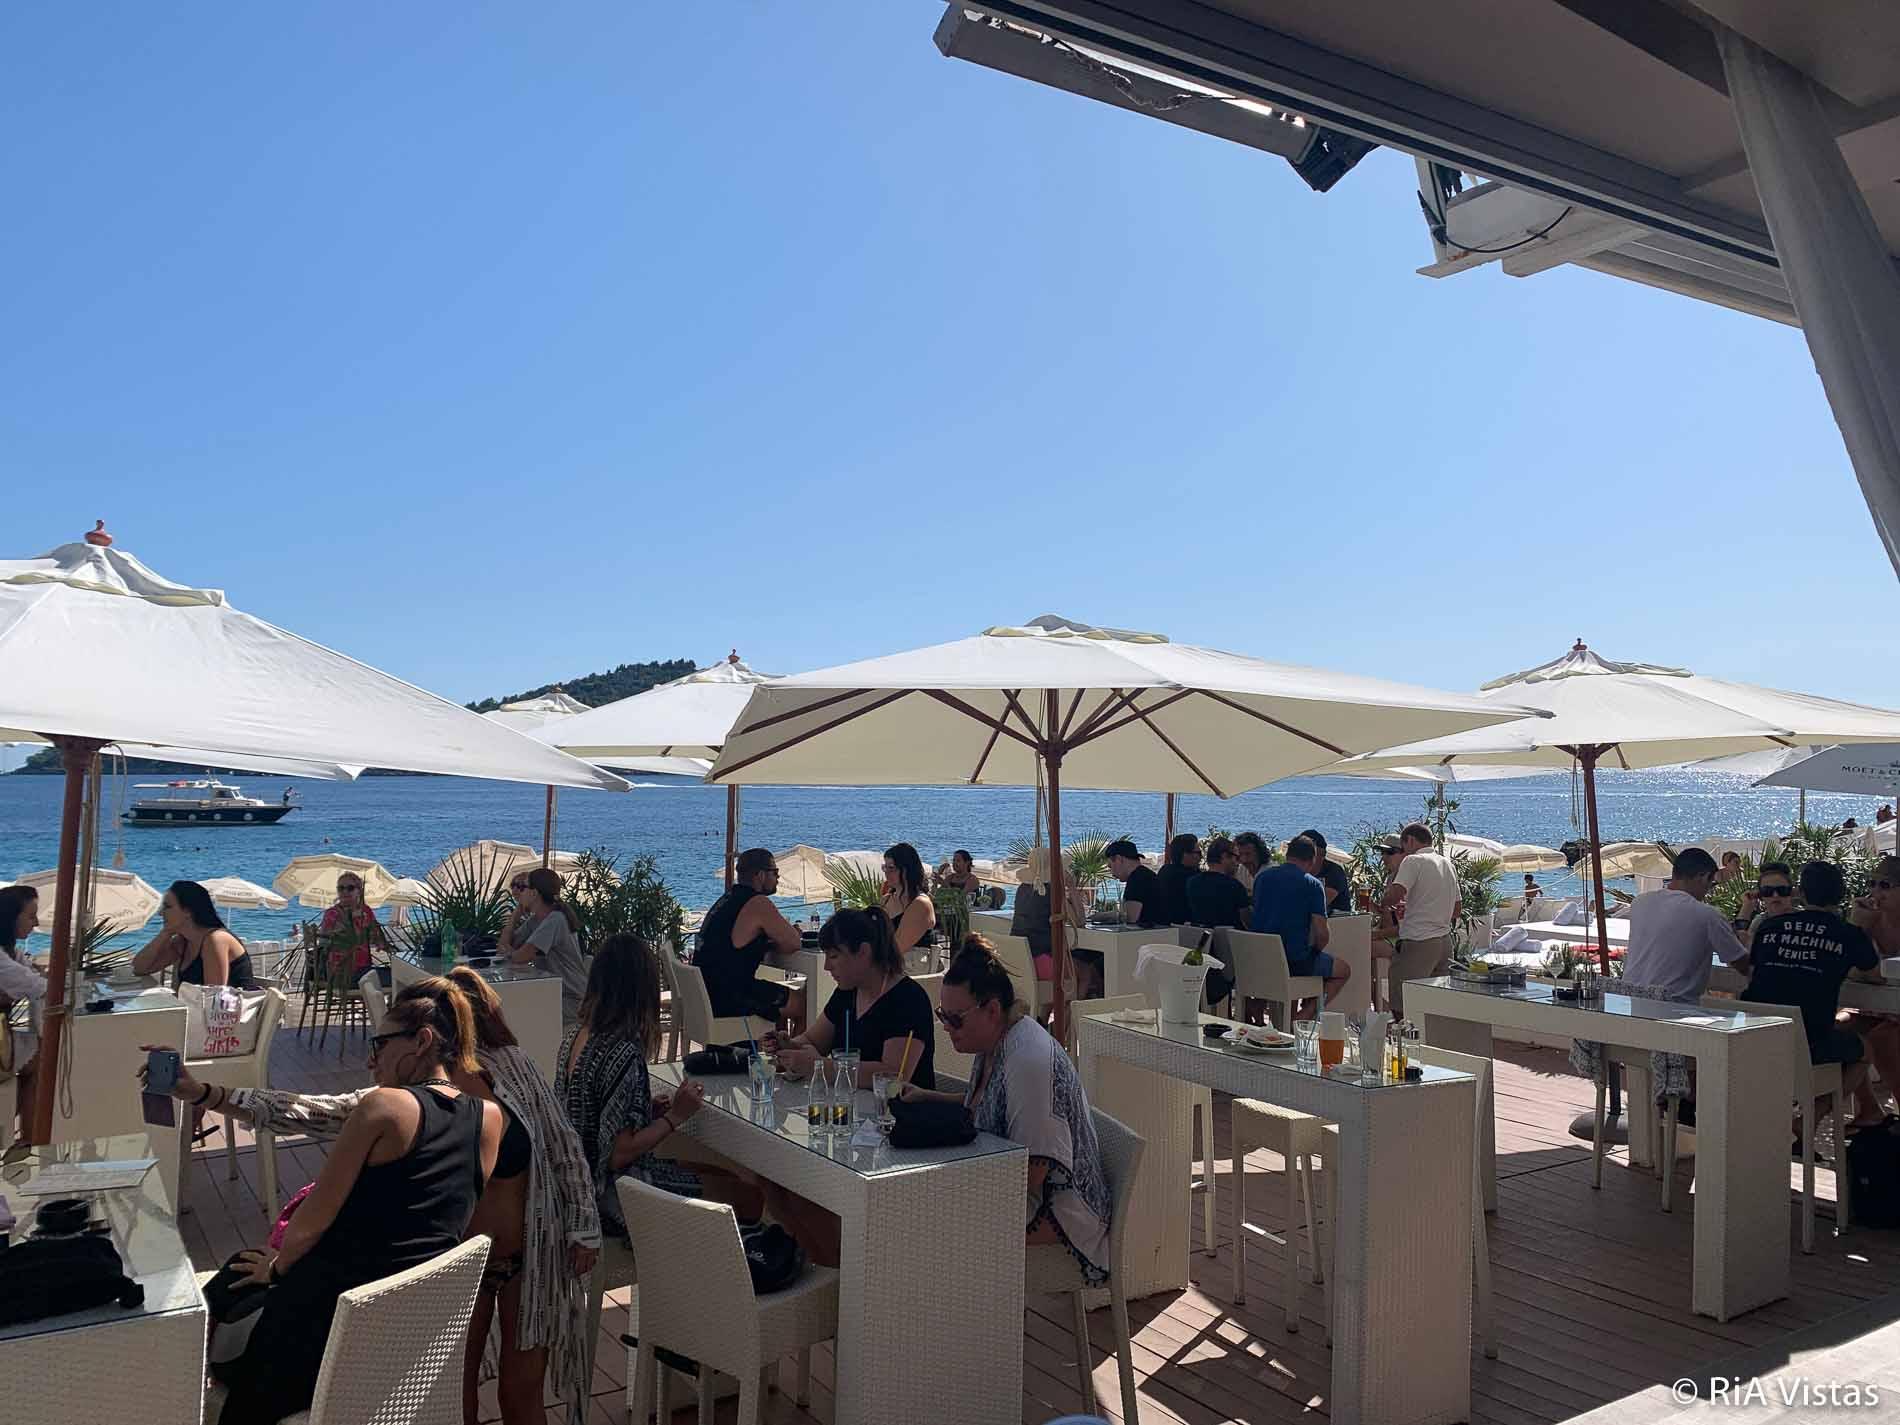 Banje Beach Restaurant and night club - Dubrovnik_RiA Vistas